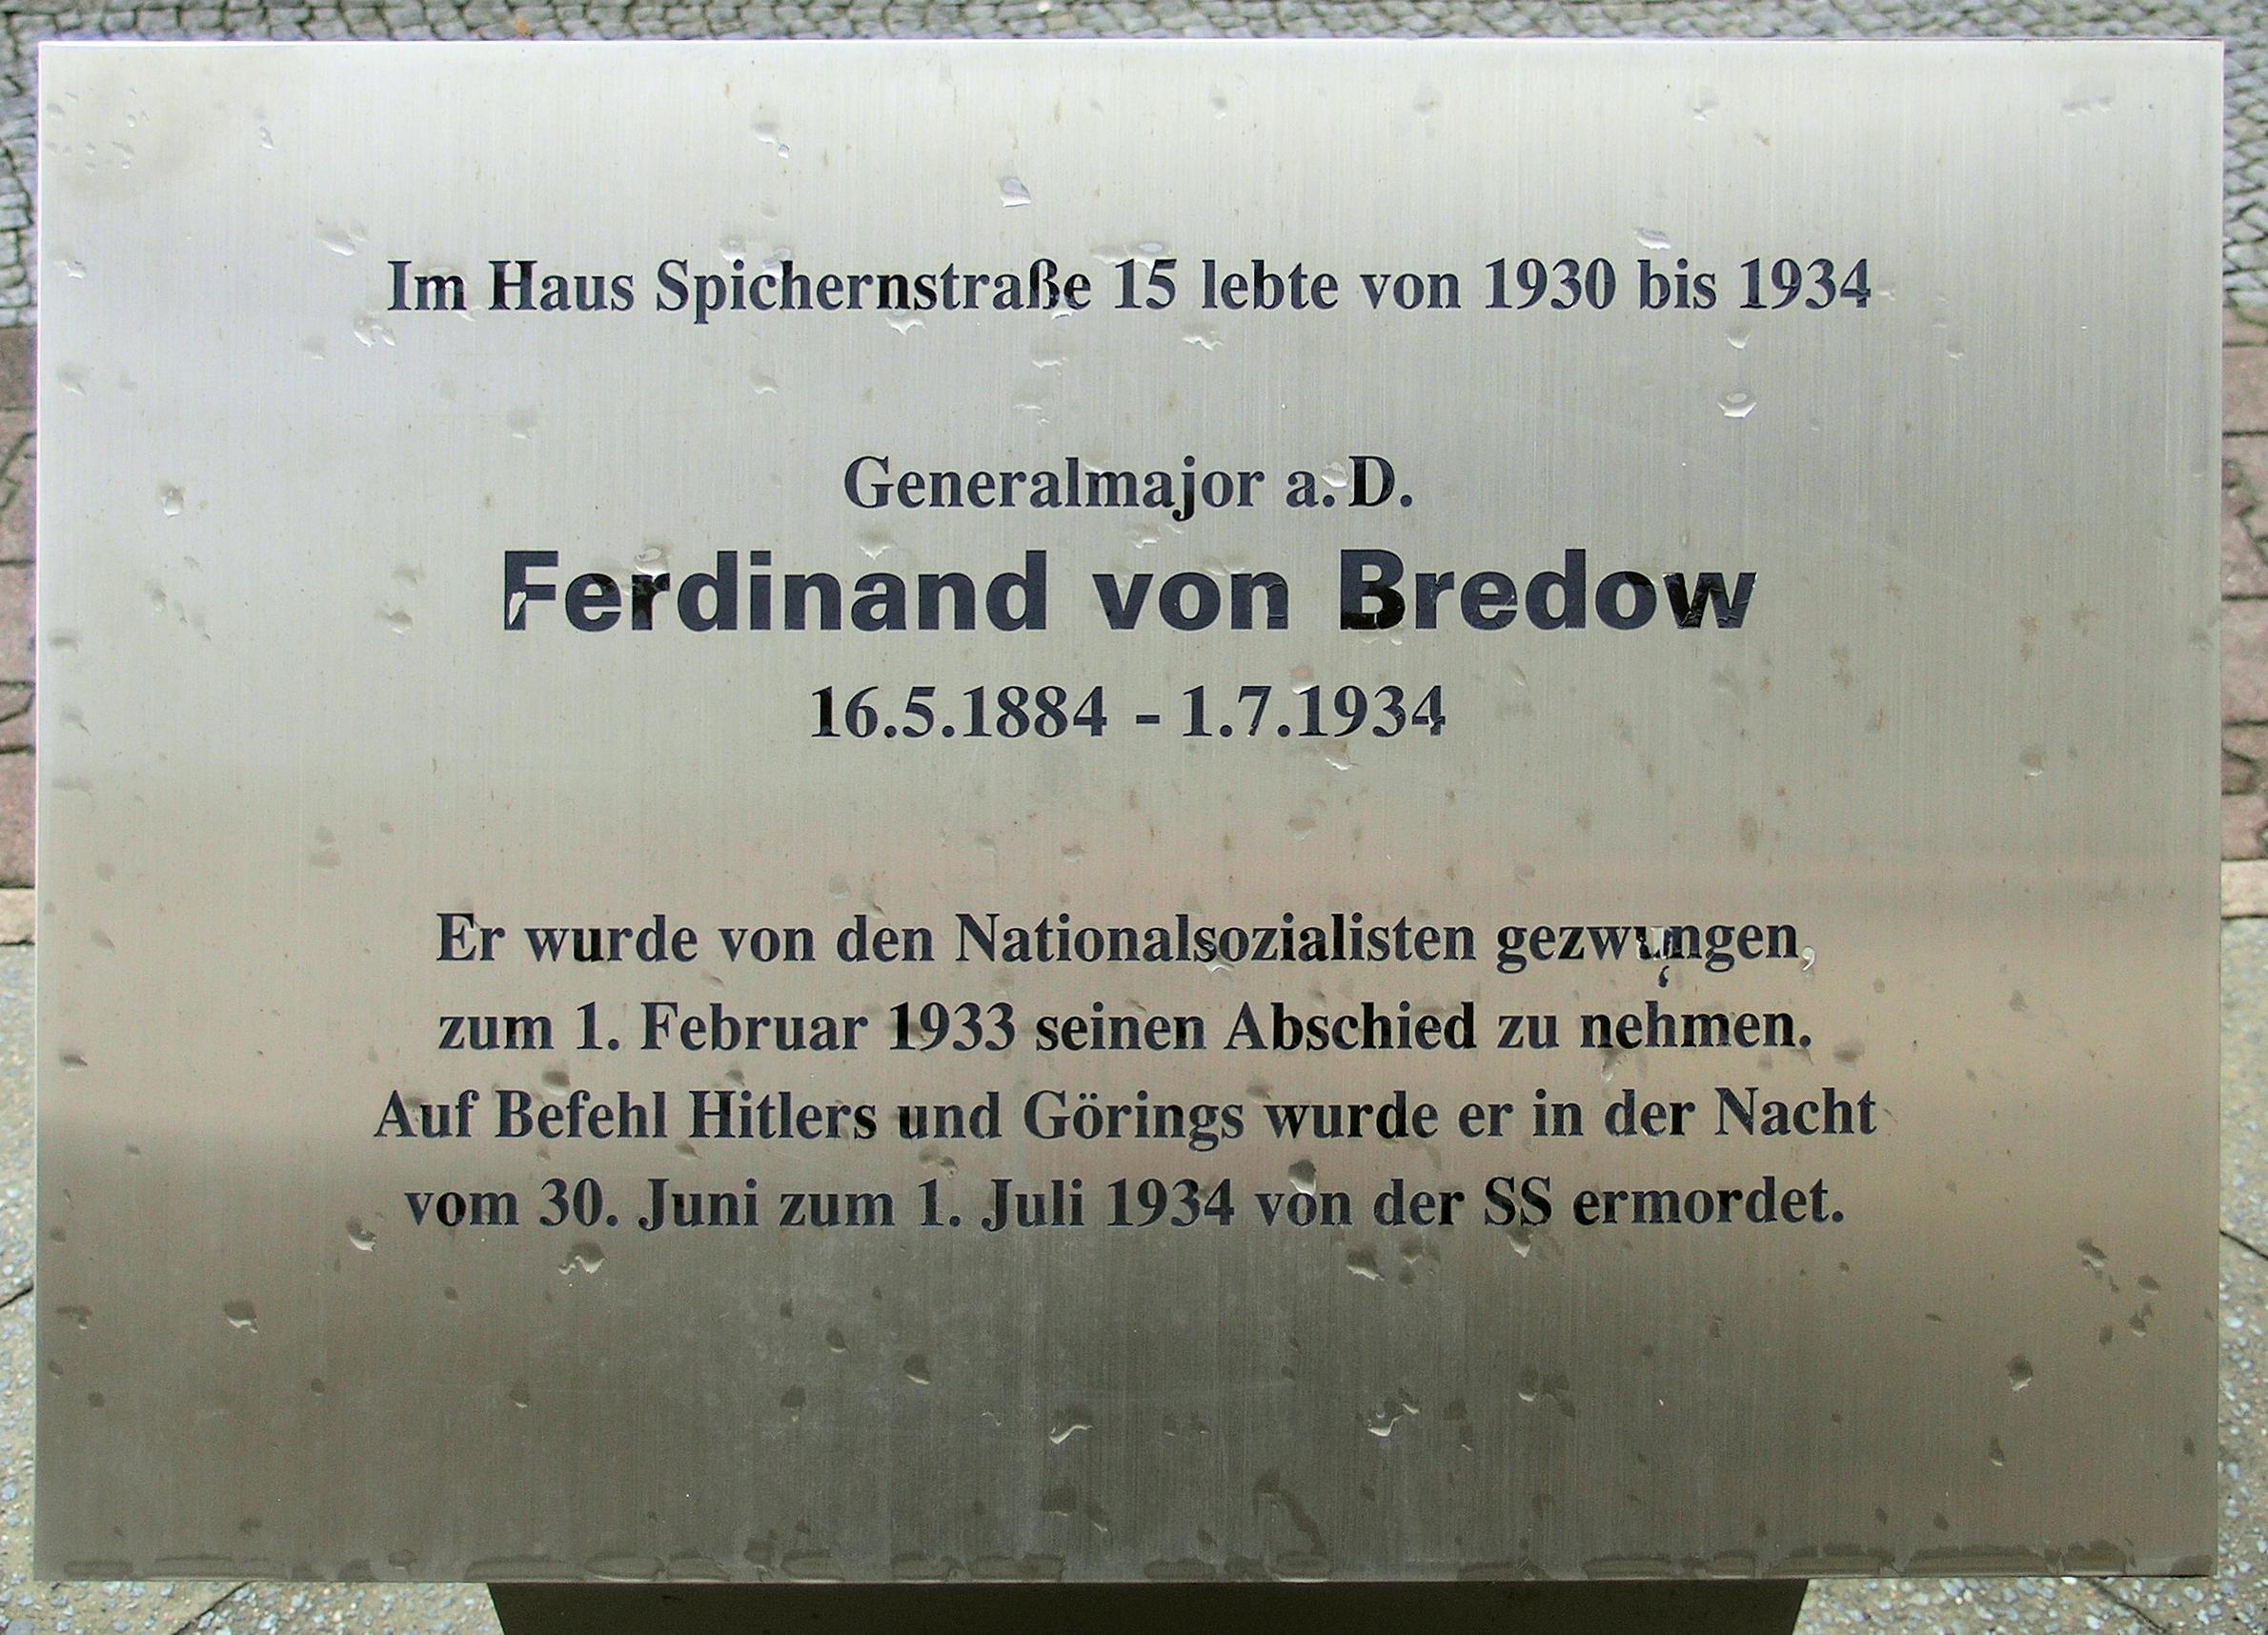 Gedenktafel vor dem Haus Spichernstraße 15 in Berlin-Wilmersdorf